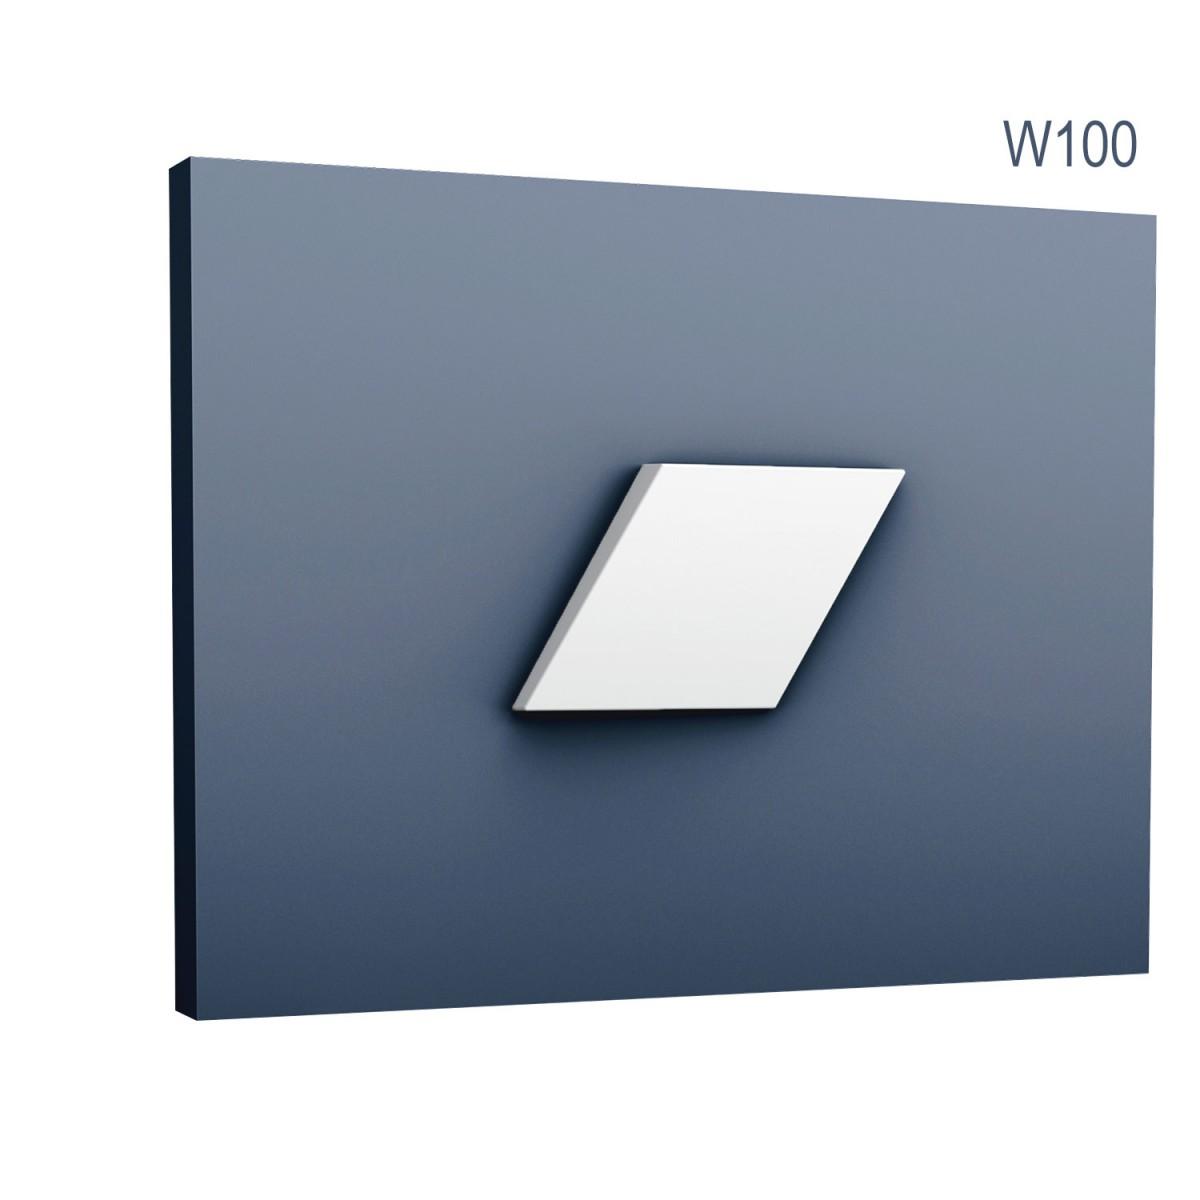 Panel Modern W100, Dimensiuni: 15 X 25.8 X 2.9 cm, Orac Decor